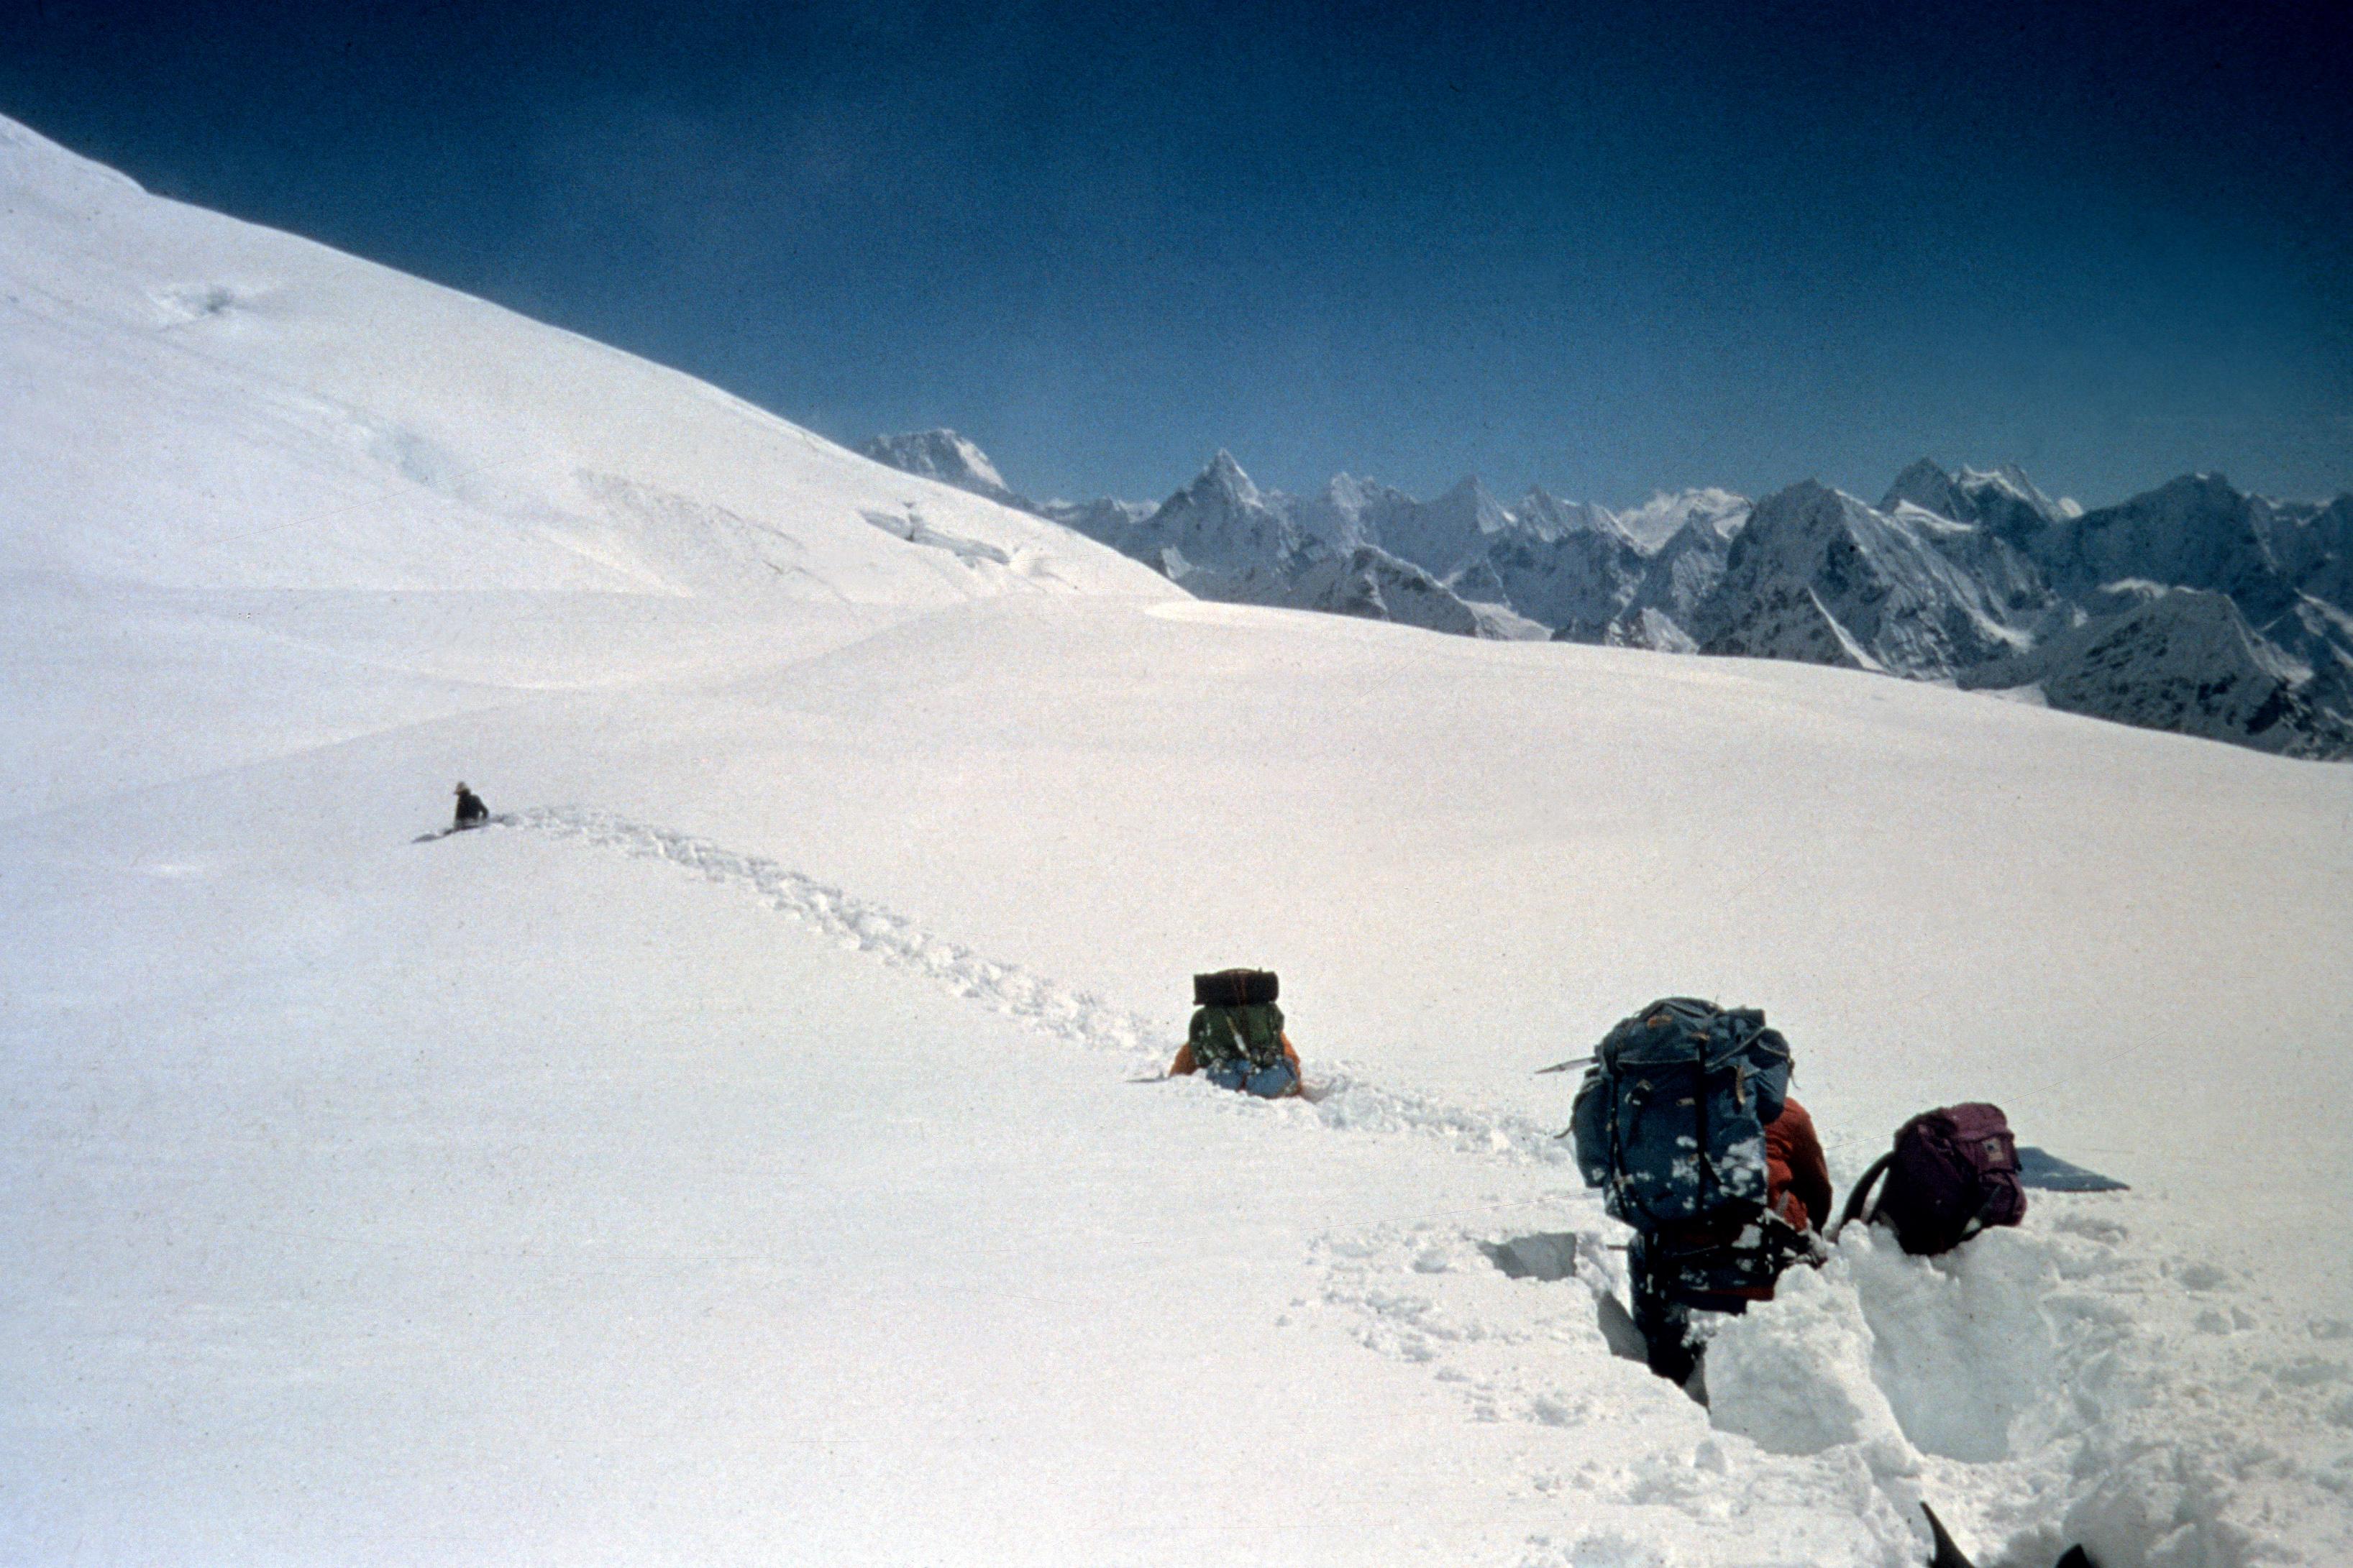 Cho Oyu 8.188 m - Himalaya, Nepal Erstdurchsteigung der 3.000 m hohen SO-Wand. Edi KoblmŸller und Alois Furtner erreichten am 27. Okt. 1978 um 17.00 den Gipfel Foto: Furtner Im Bild: Brusttiefer Neuschnee beim Abstieg nach 2-tŠgigen Wettersturz